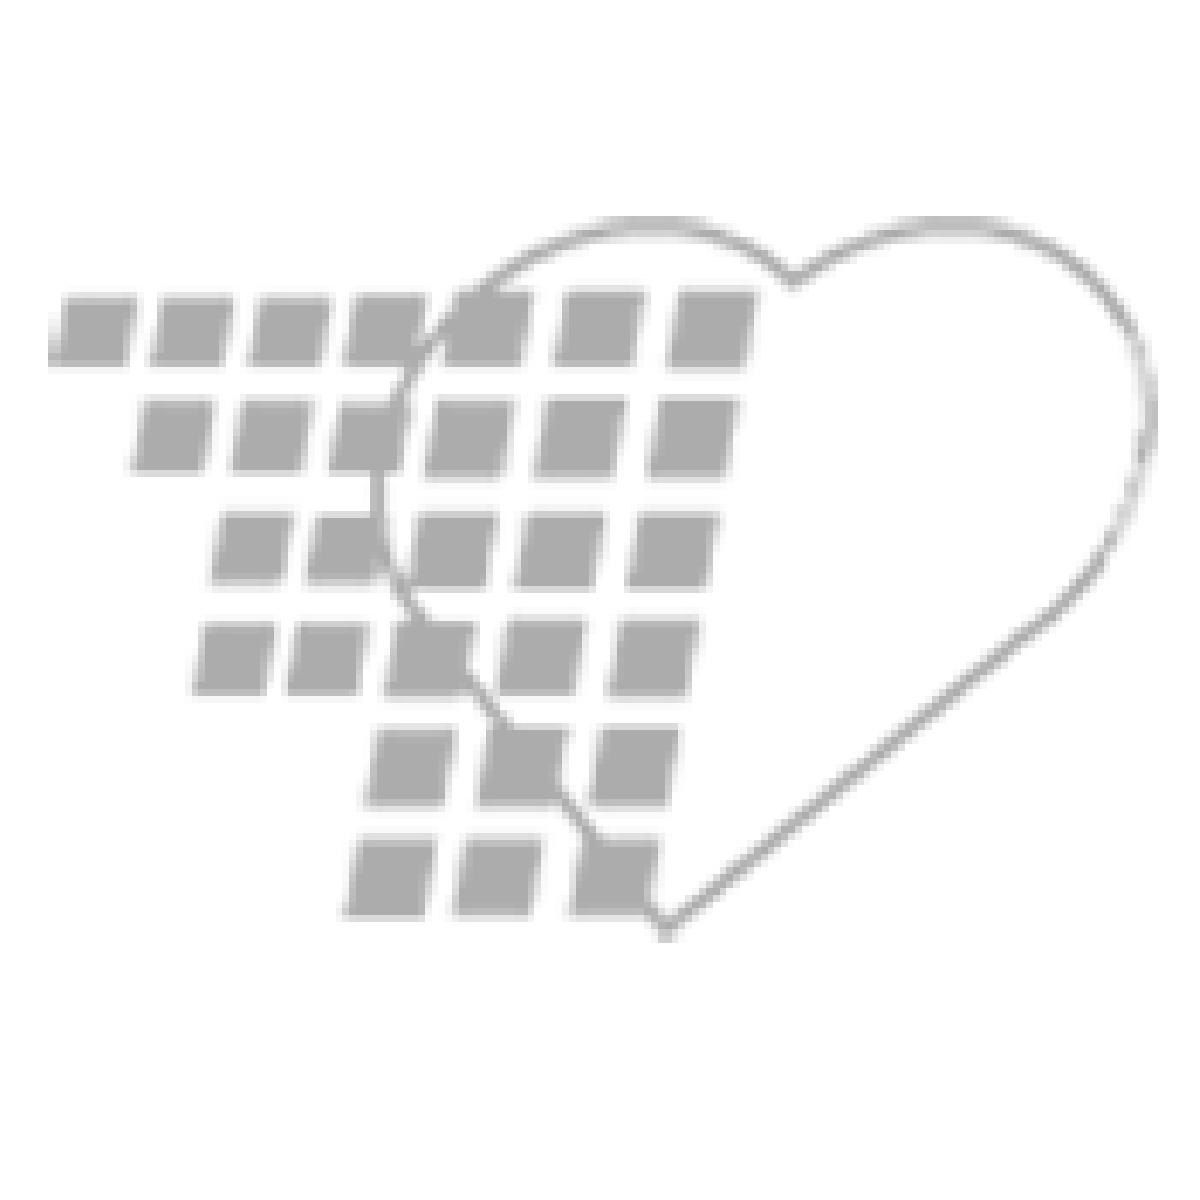 06-93-0042 - Demo Dose® Folc Acd 1 mg - 100 Pills/Box